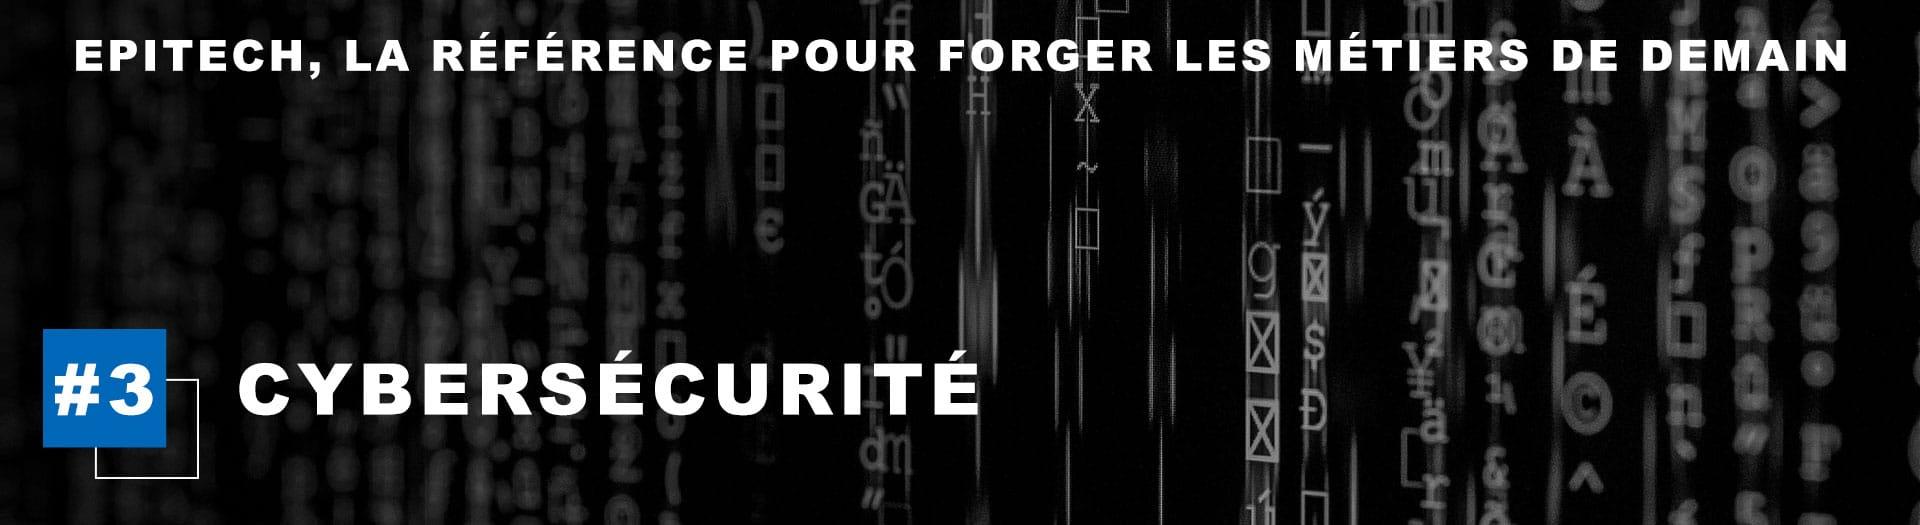 Slide métiers Epitech Cybersécurité